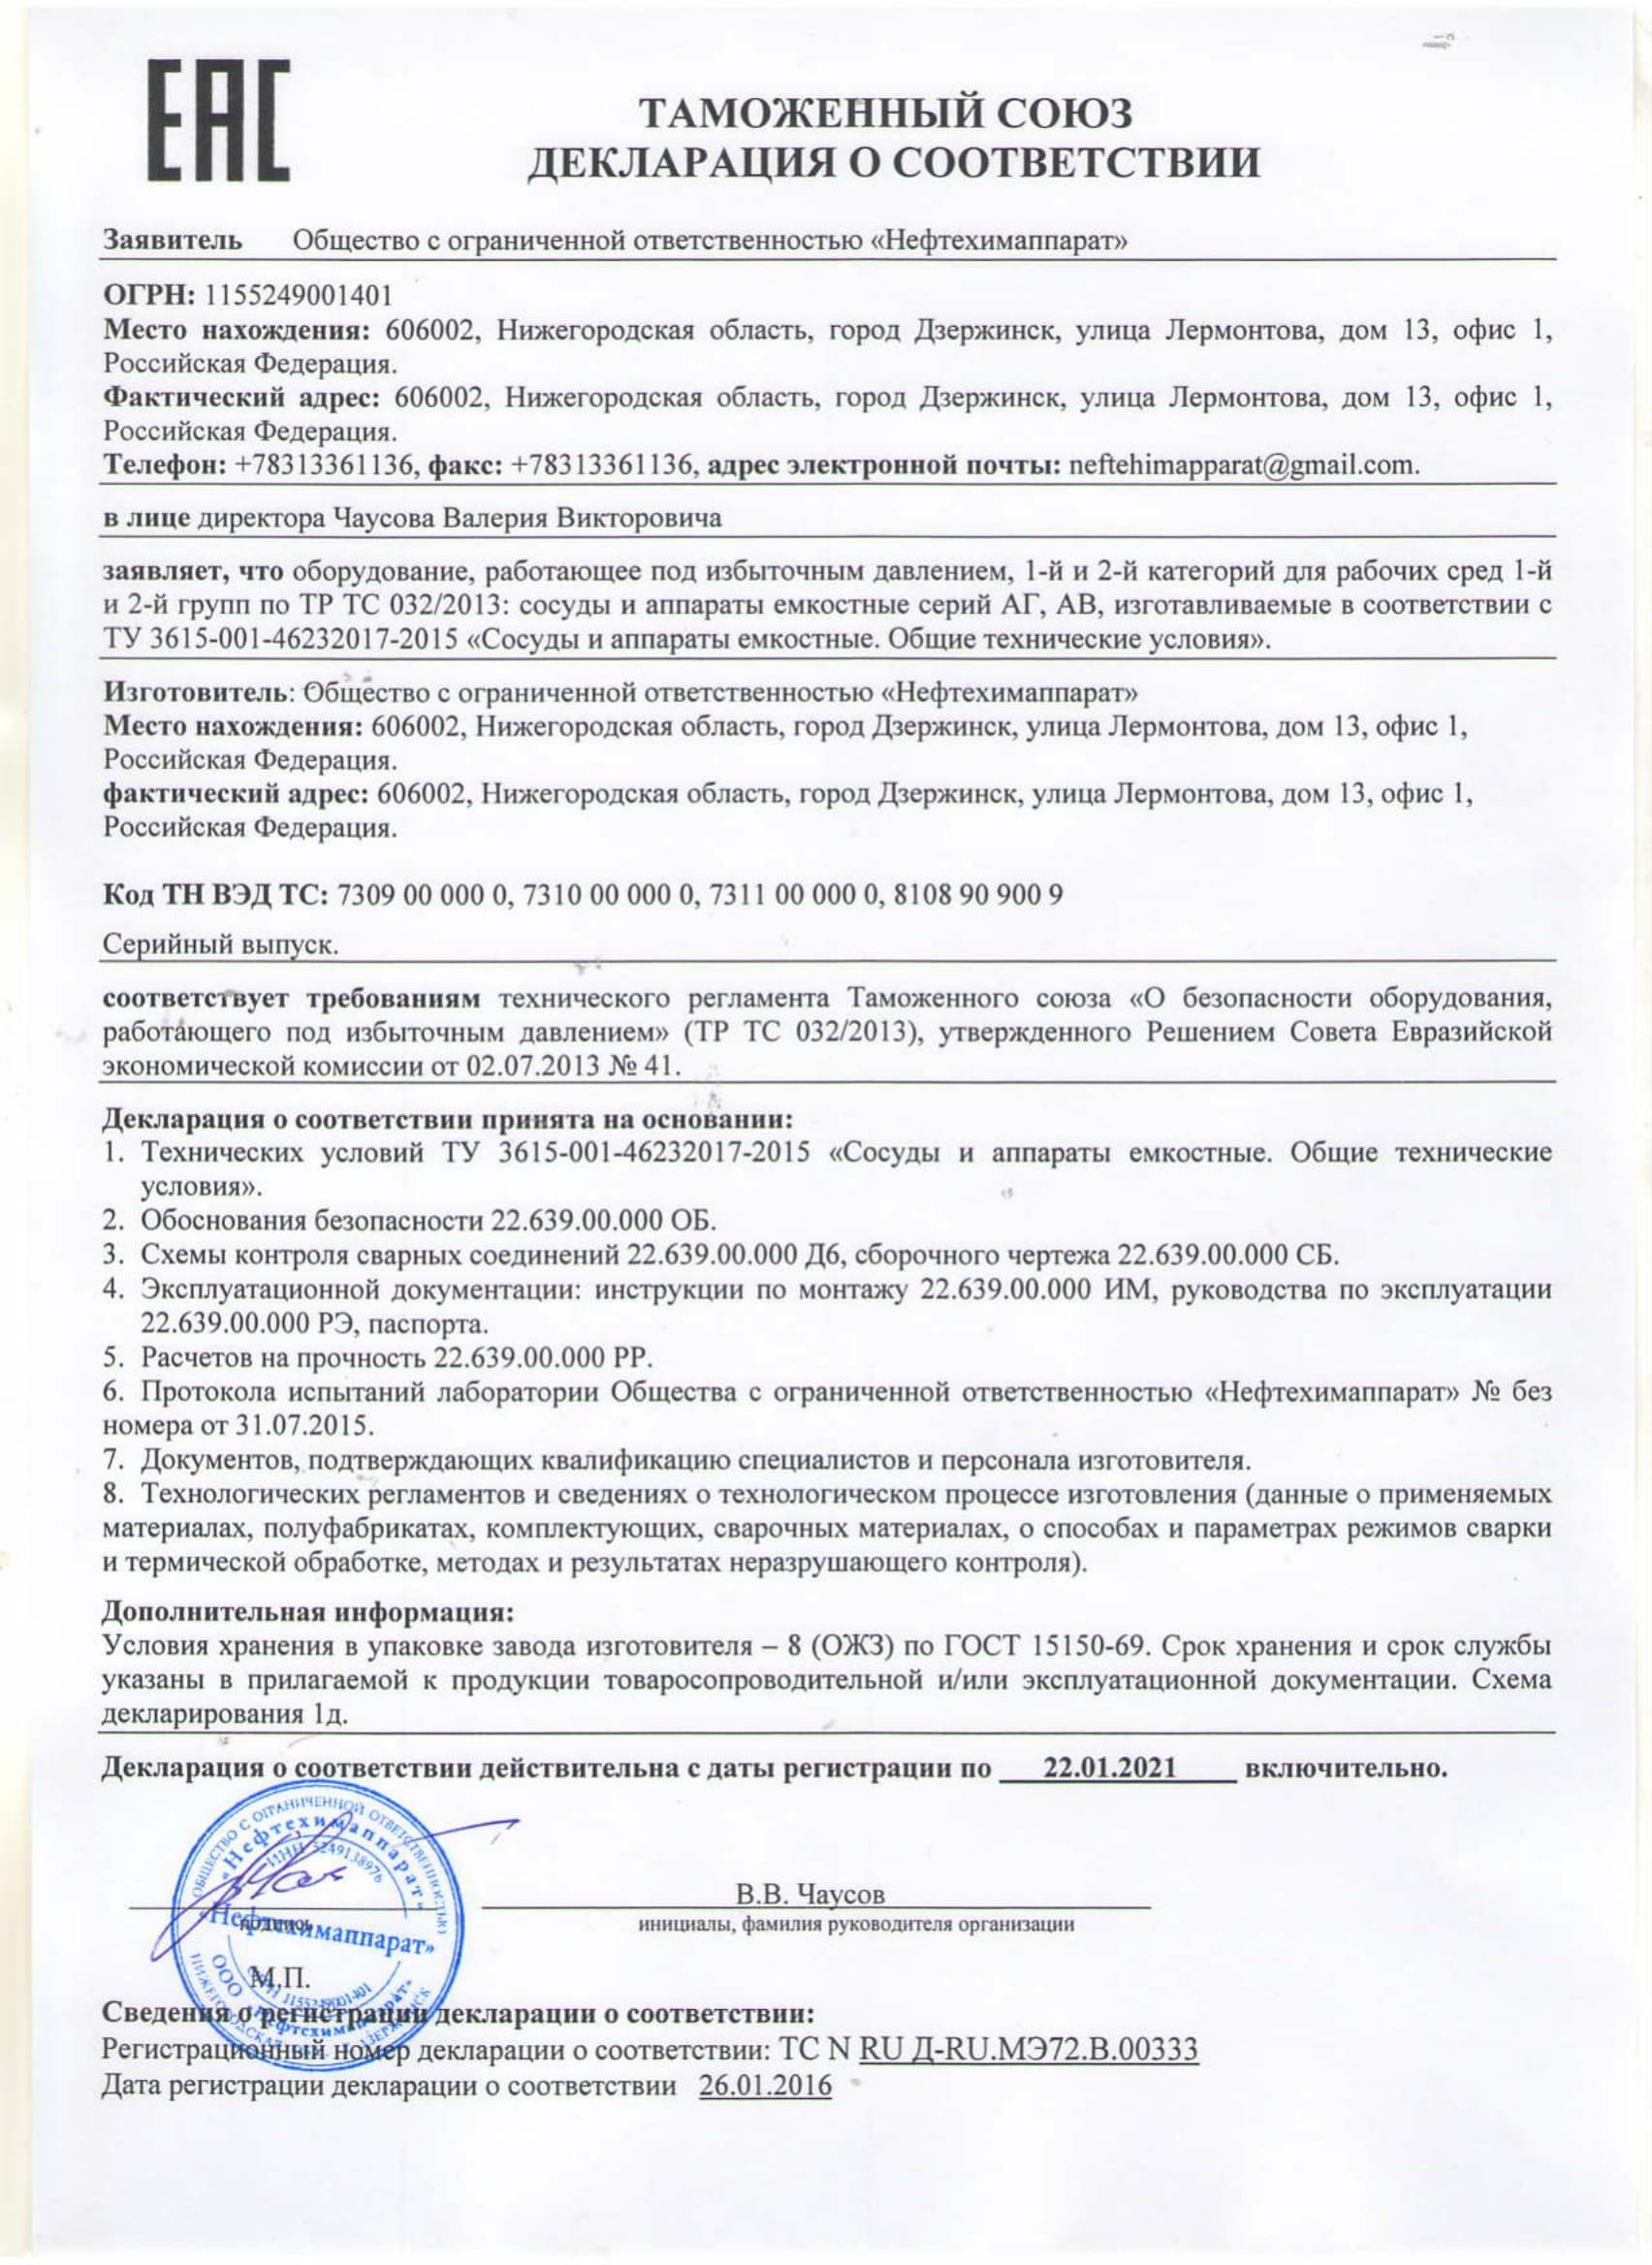 Схемы декларировании тр тс